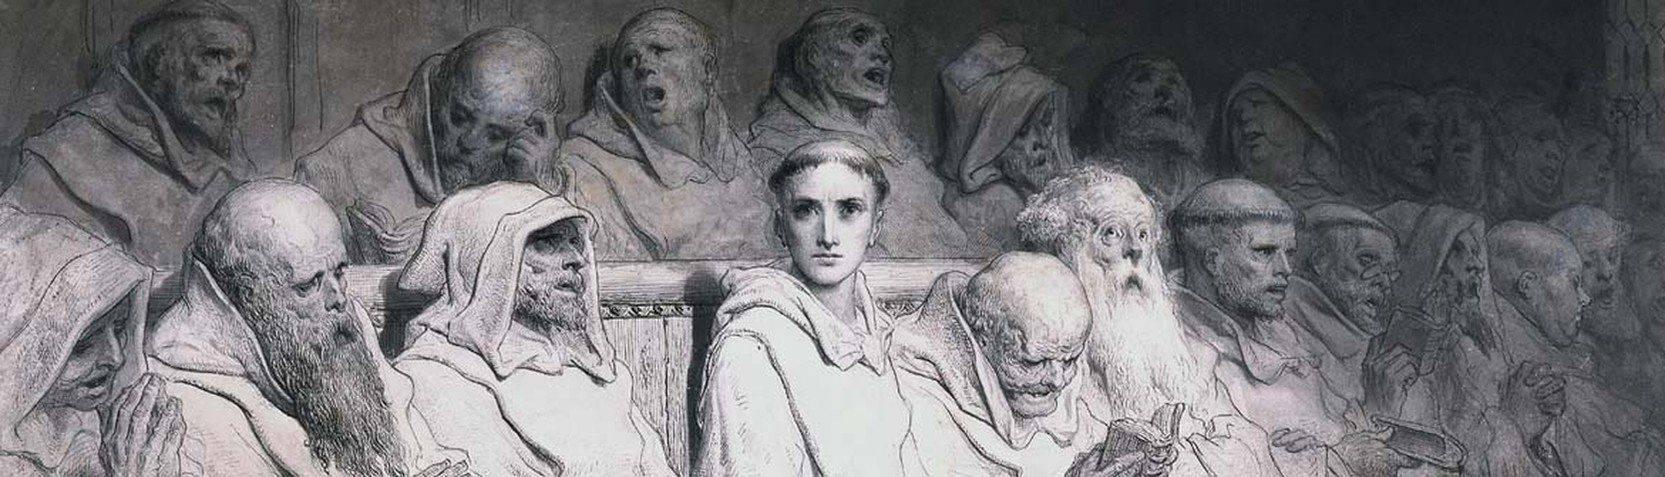 Artyści - Gustave Doré